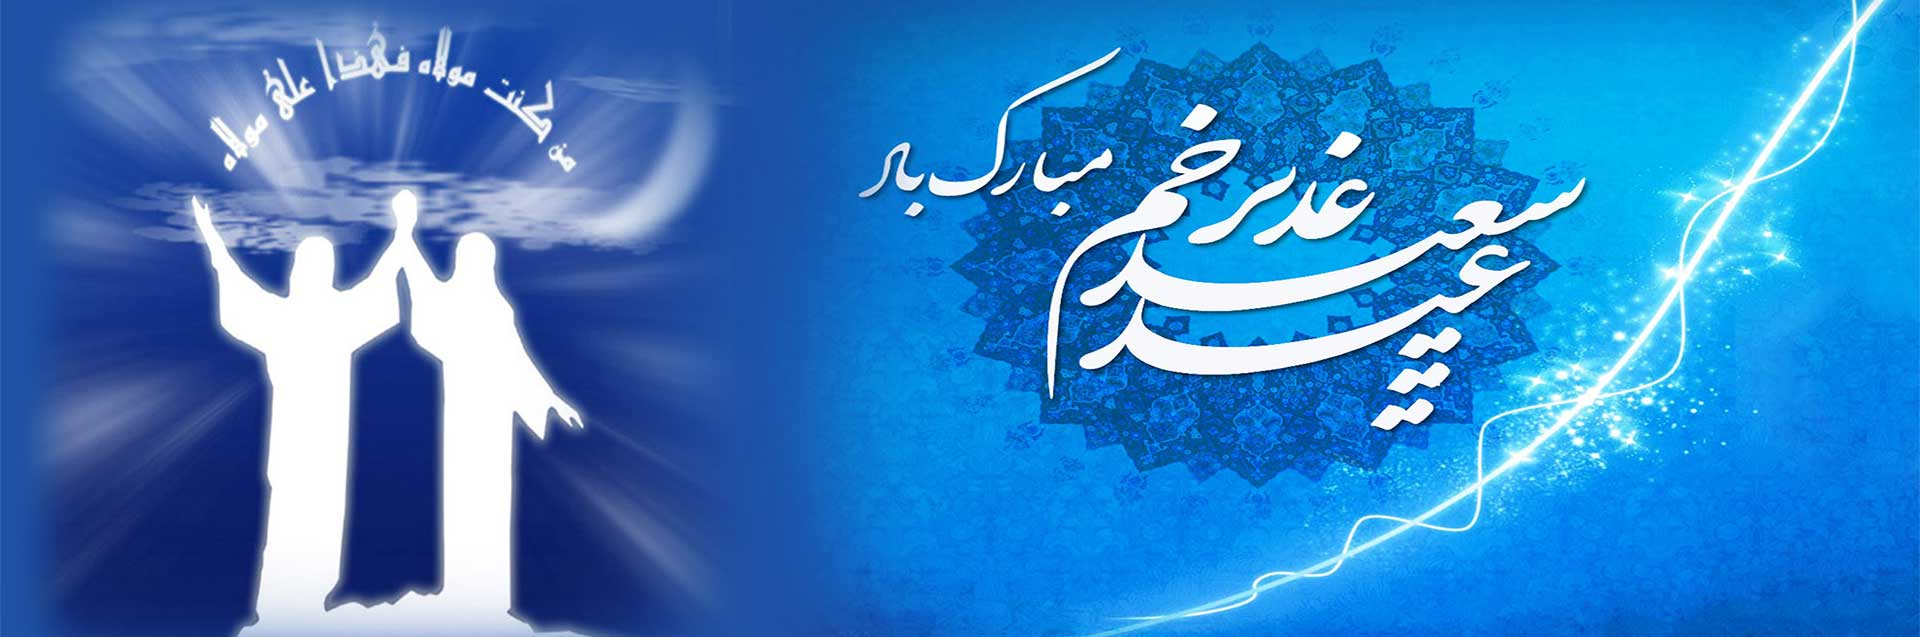 عید سعید غدیر - ستایش سنتر